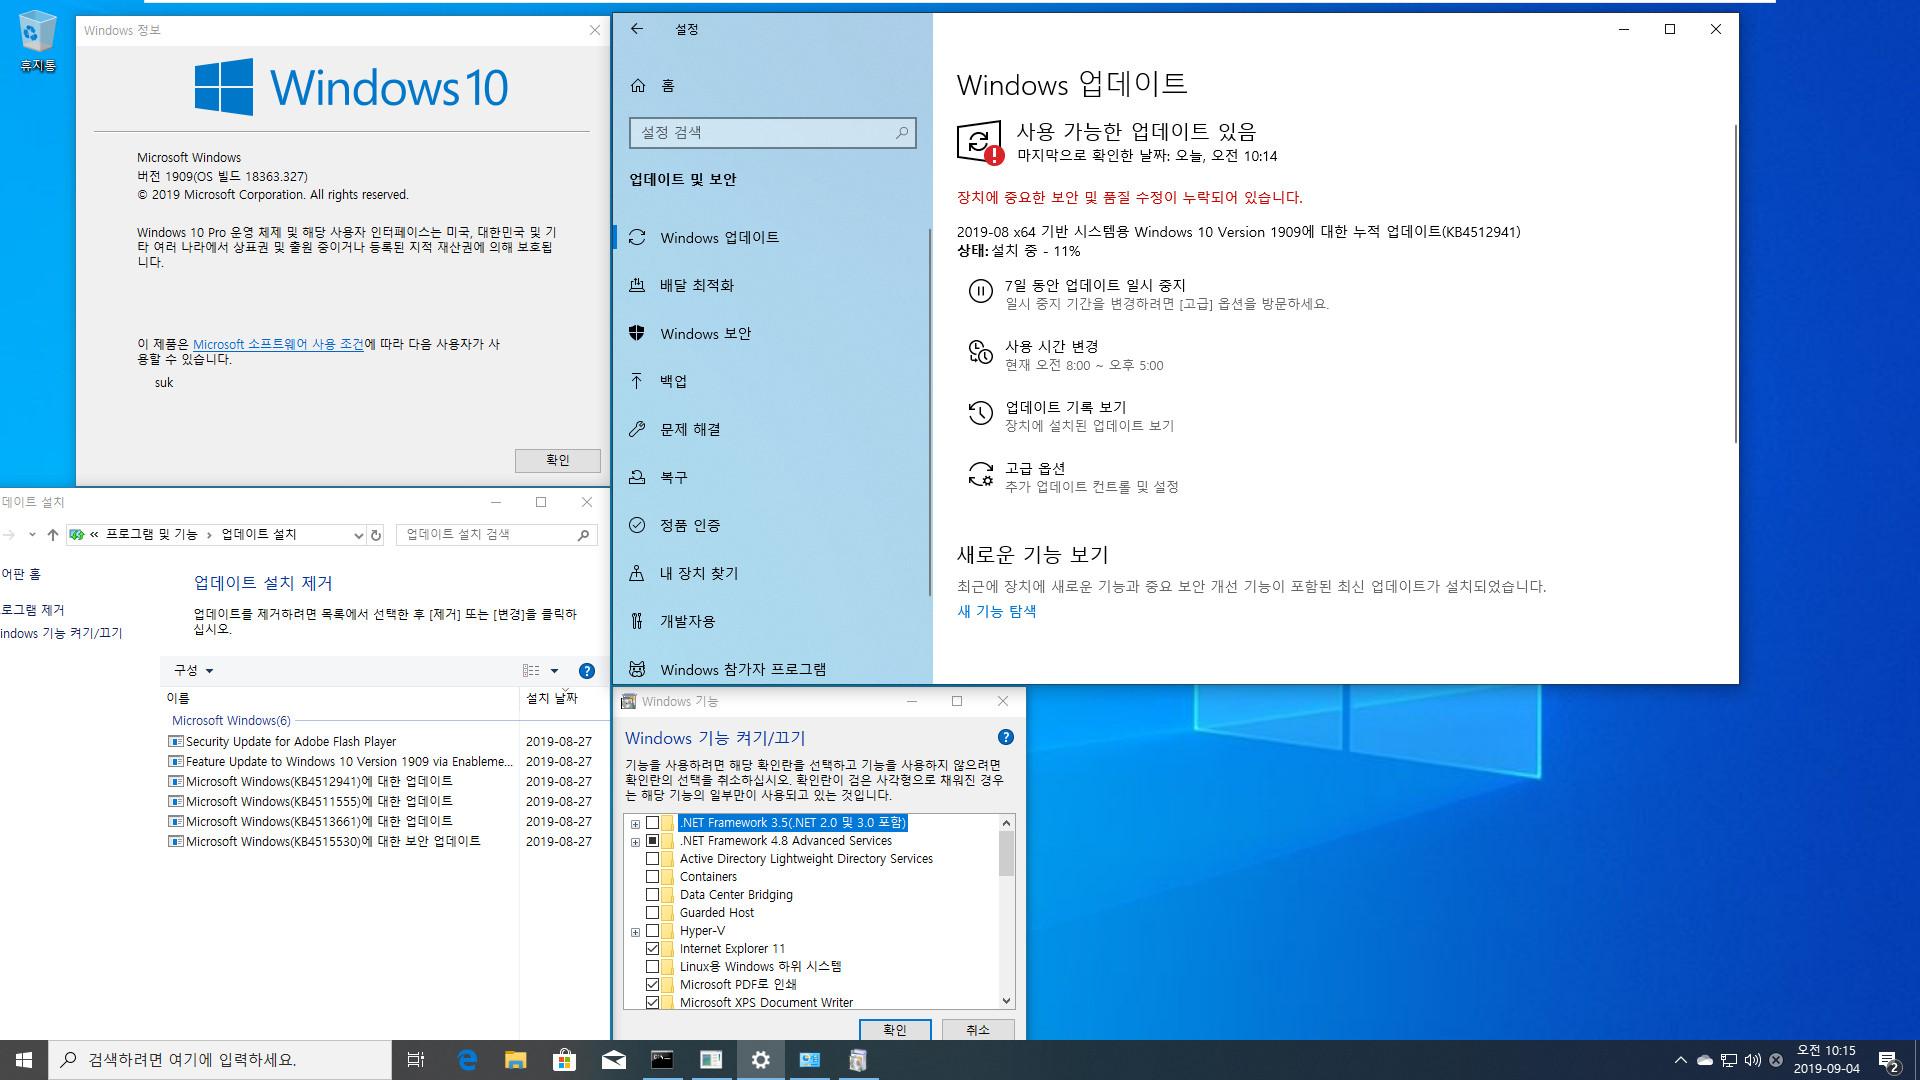 Windows 10 19H2 버전 1909 (OS 빌드 18363.327) 릴리스 프리뷰 - ms 에서 배포한 iso - 설치 테스트 - ms 계정으로 릴리스 프리뷰로 윈도 업데이트 - 그래도 18363.329 누적 업데이트 KB4512941 설치 실패 - MDL 사이트의 조금 난해한 방법 시도 2019-09-04_101519.jpg